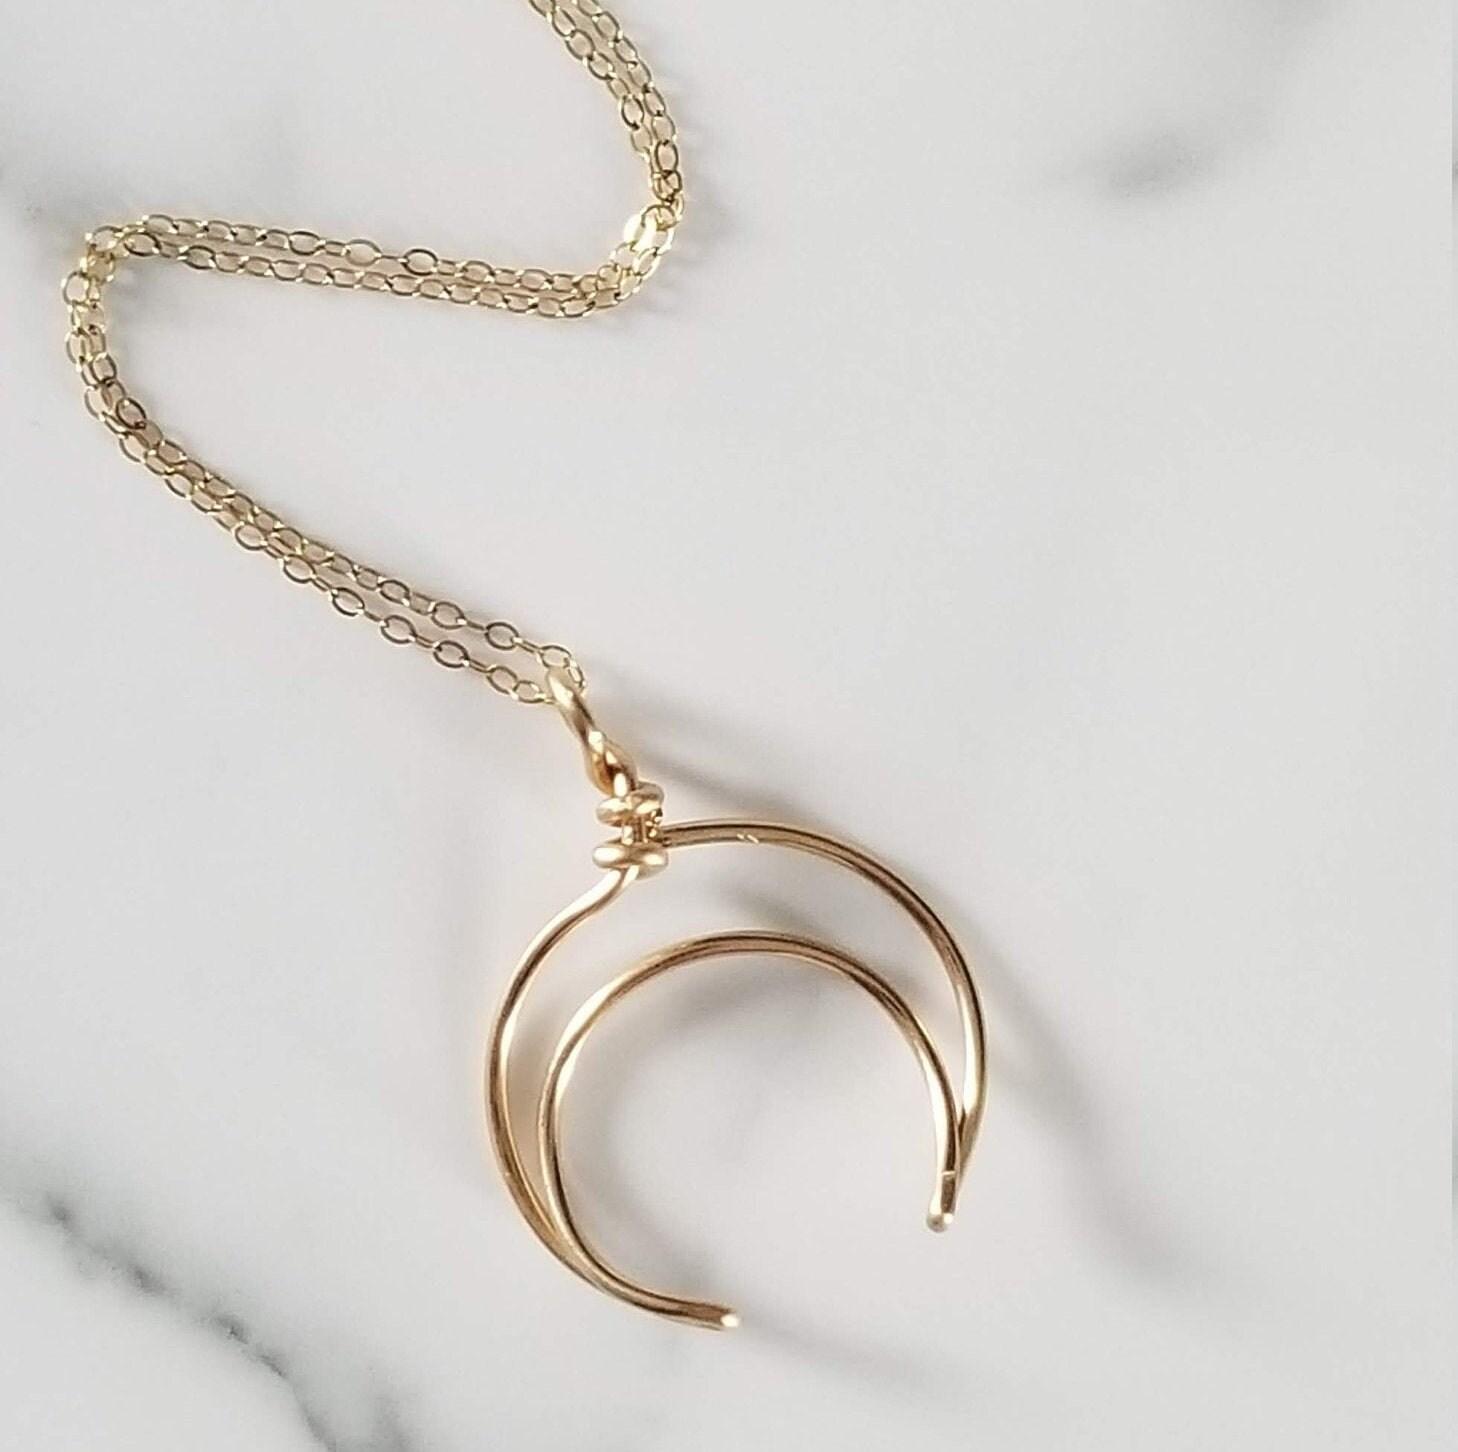 Half Moon 14k Gold Fill Necklace